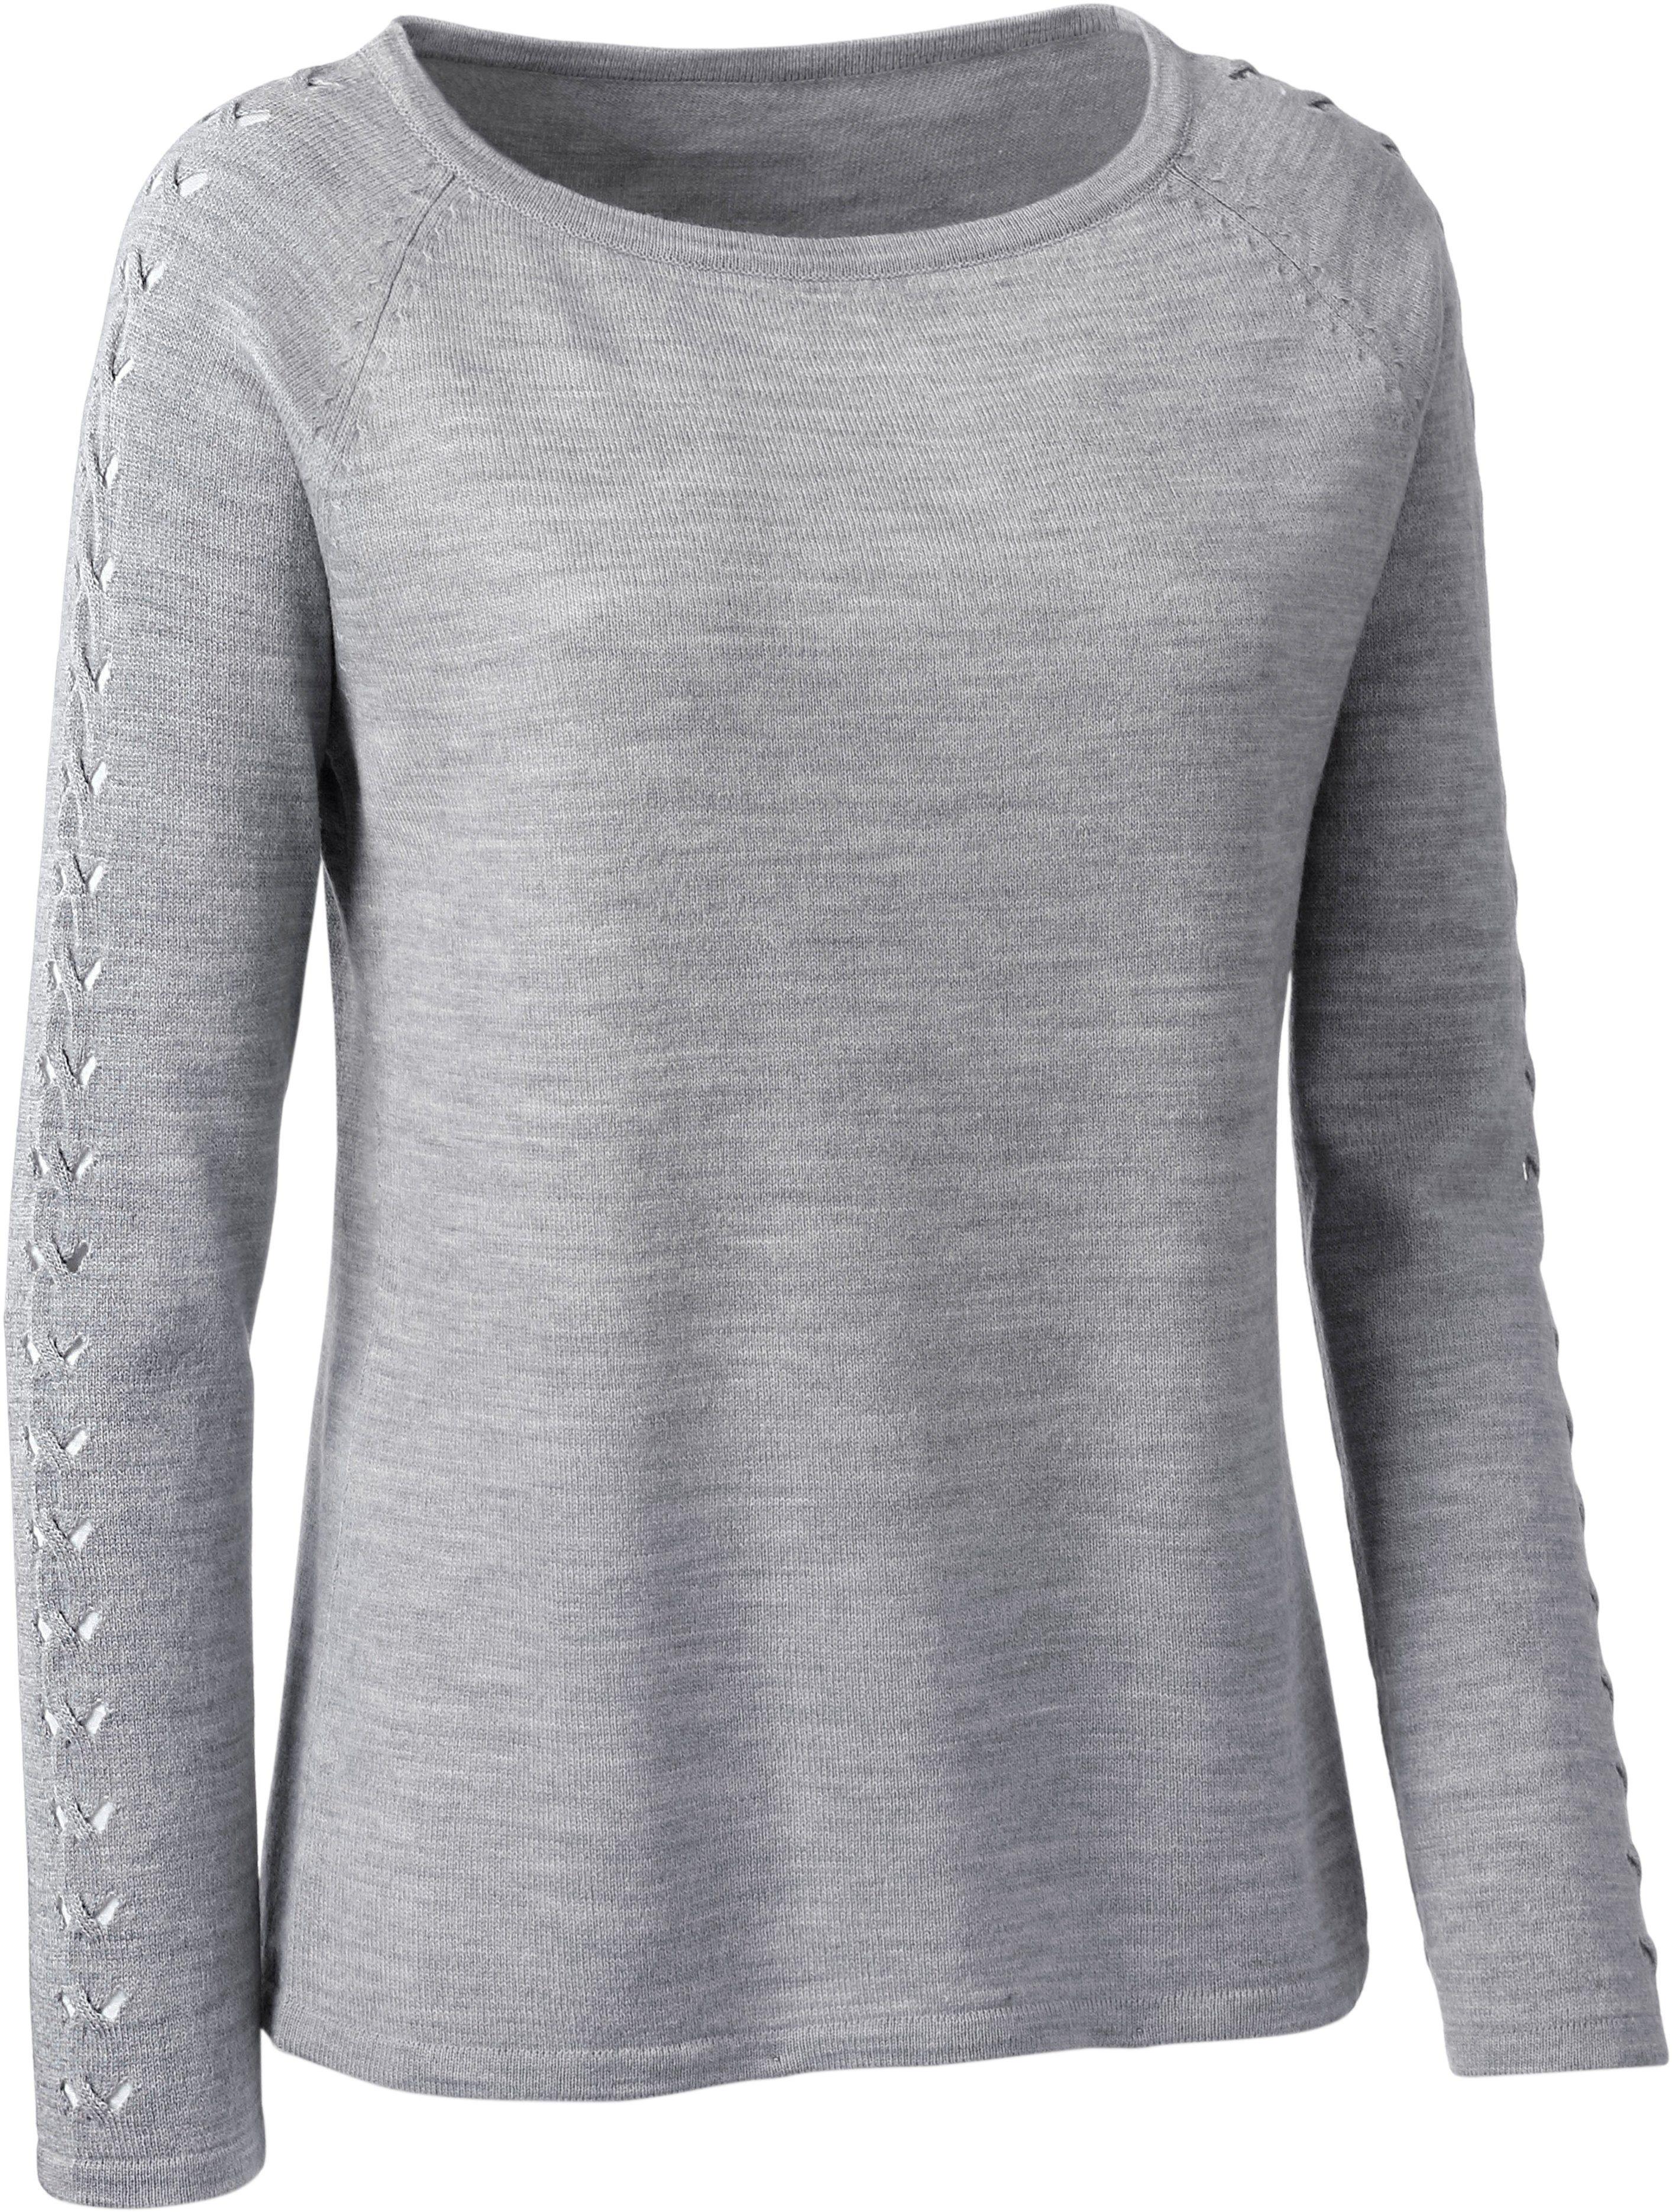 edc By Esprit – Pullover mit Norweger Dessin – Silber meliert